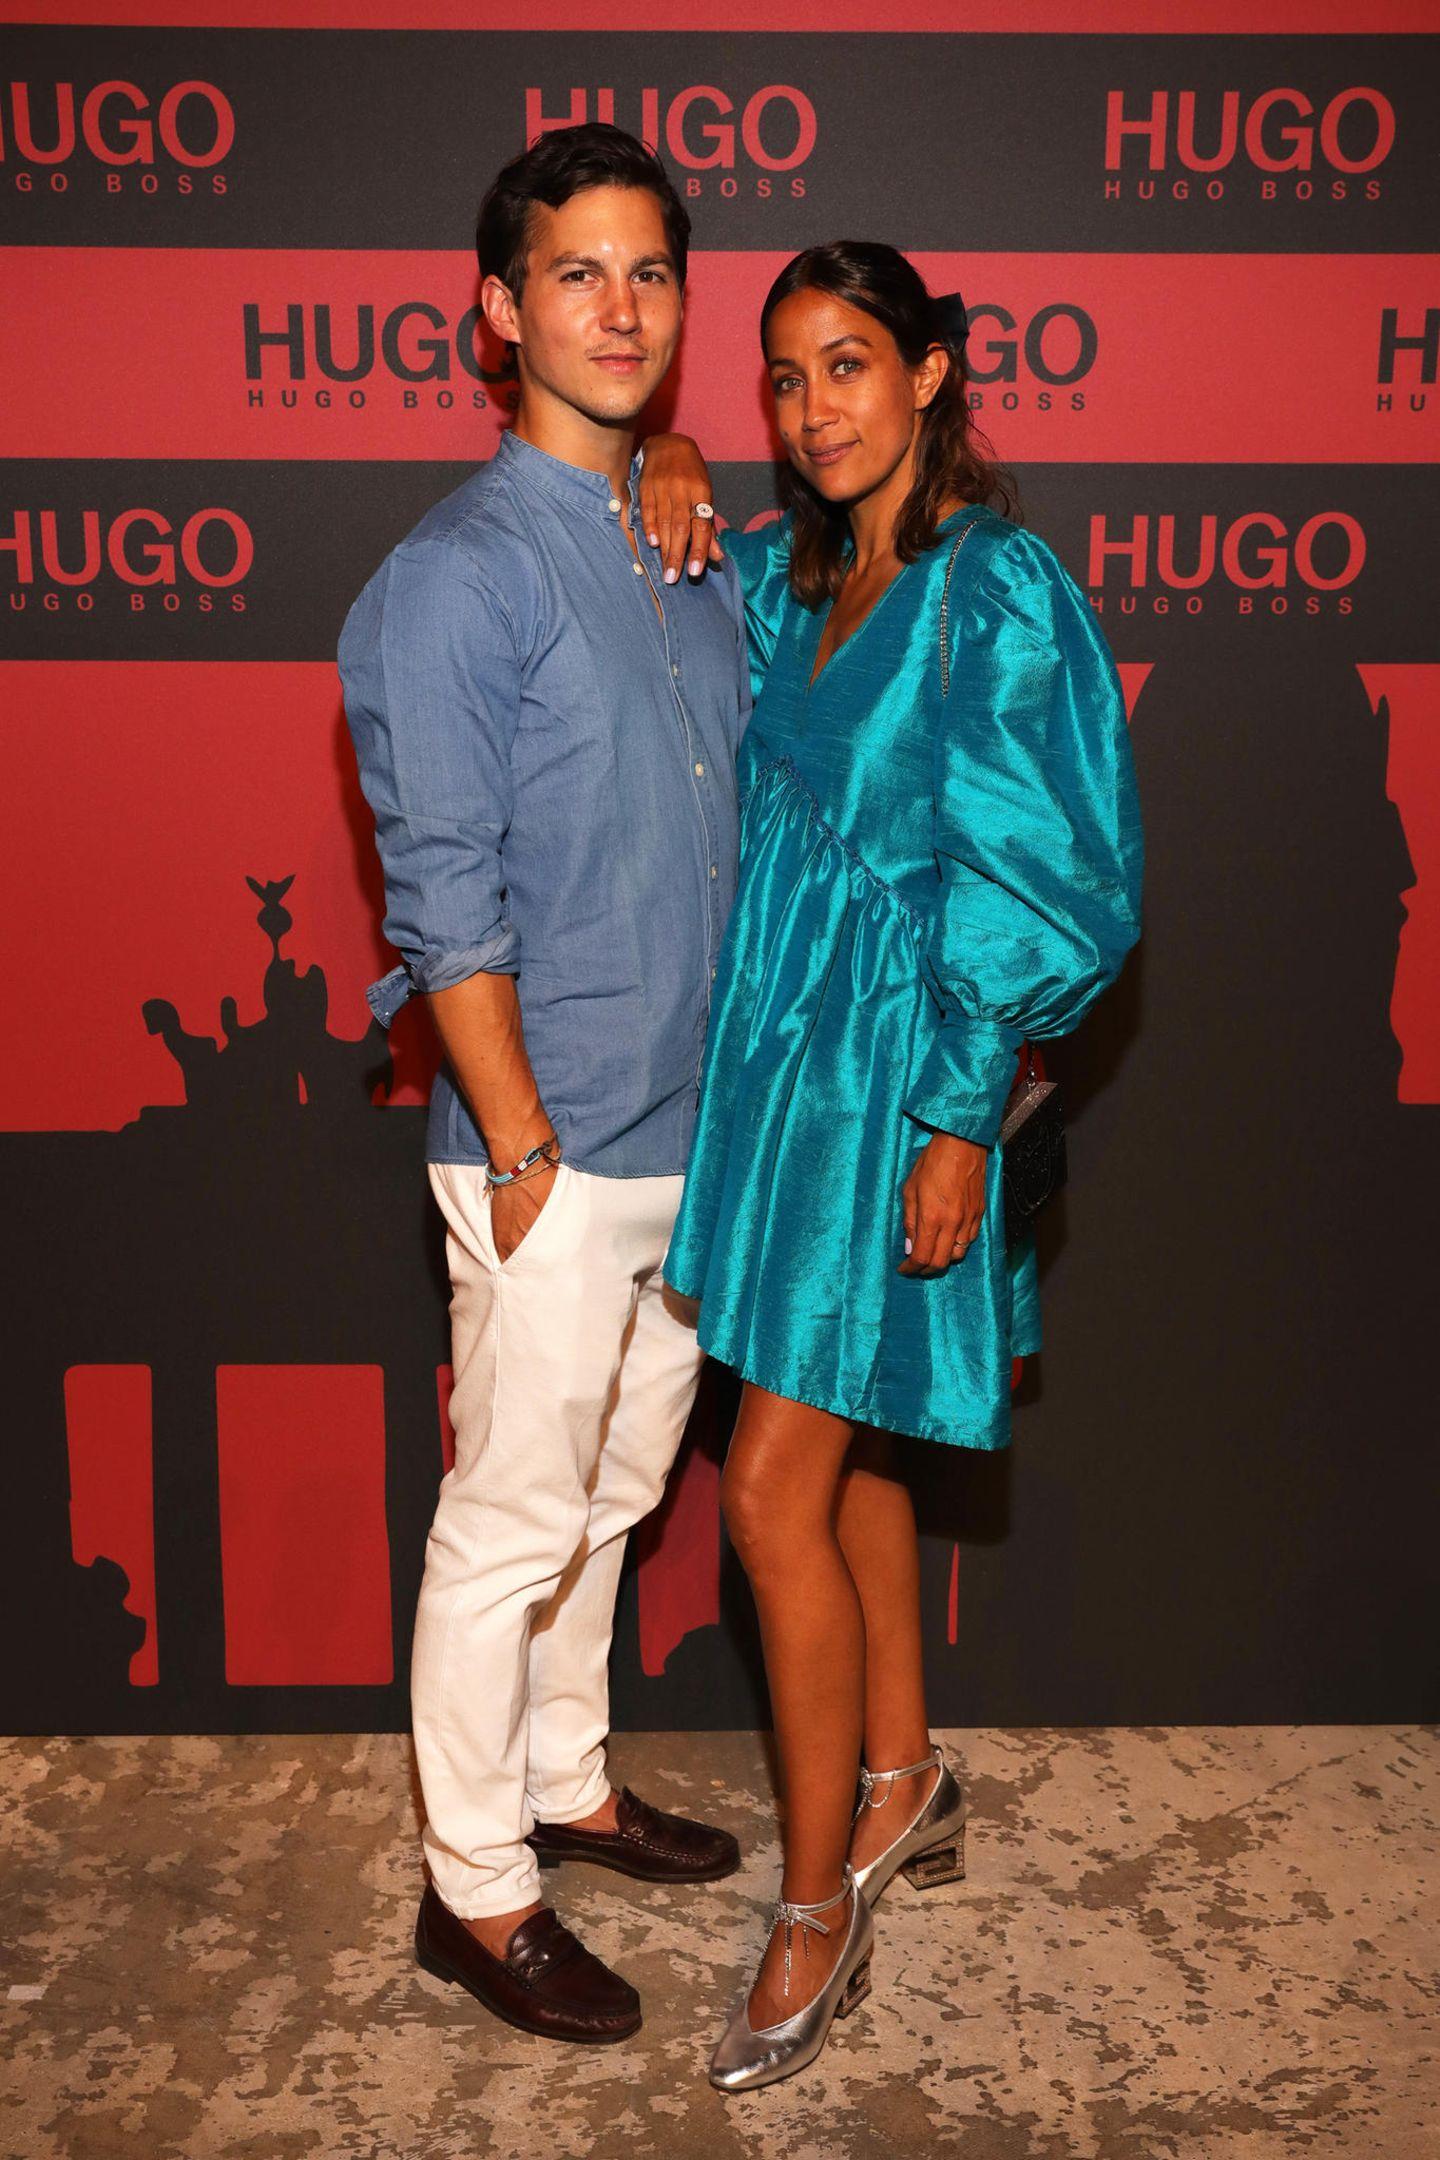 Tim Oliver Schultz und Rabea Schif lassen sich die HUGO Launch Party ebenfalls nicht entgehen.